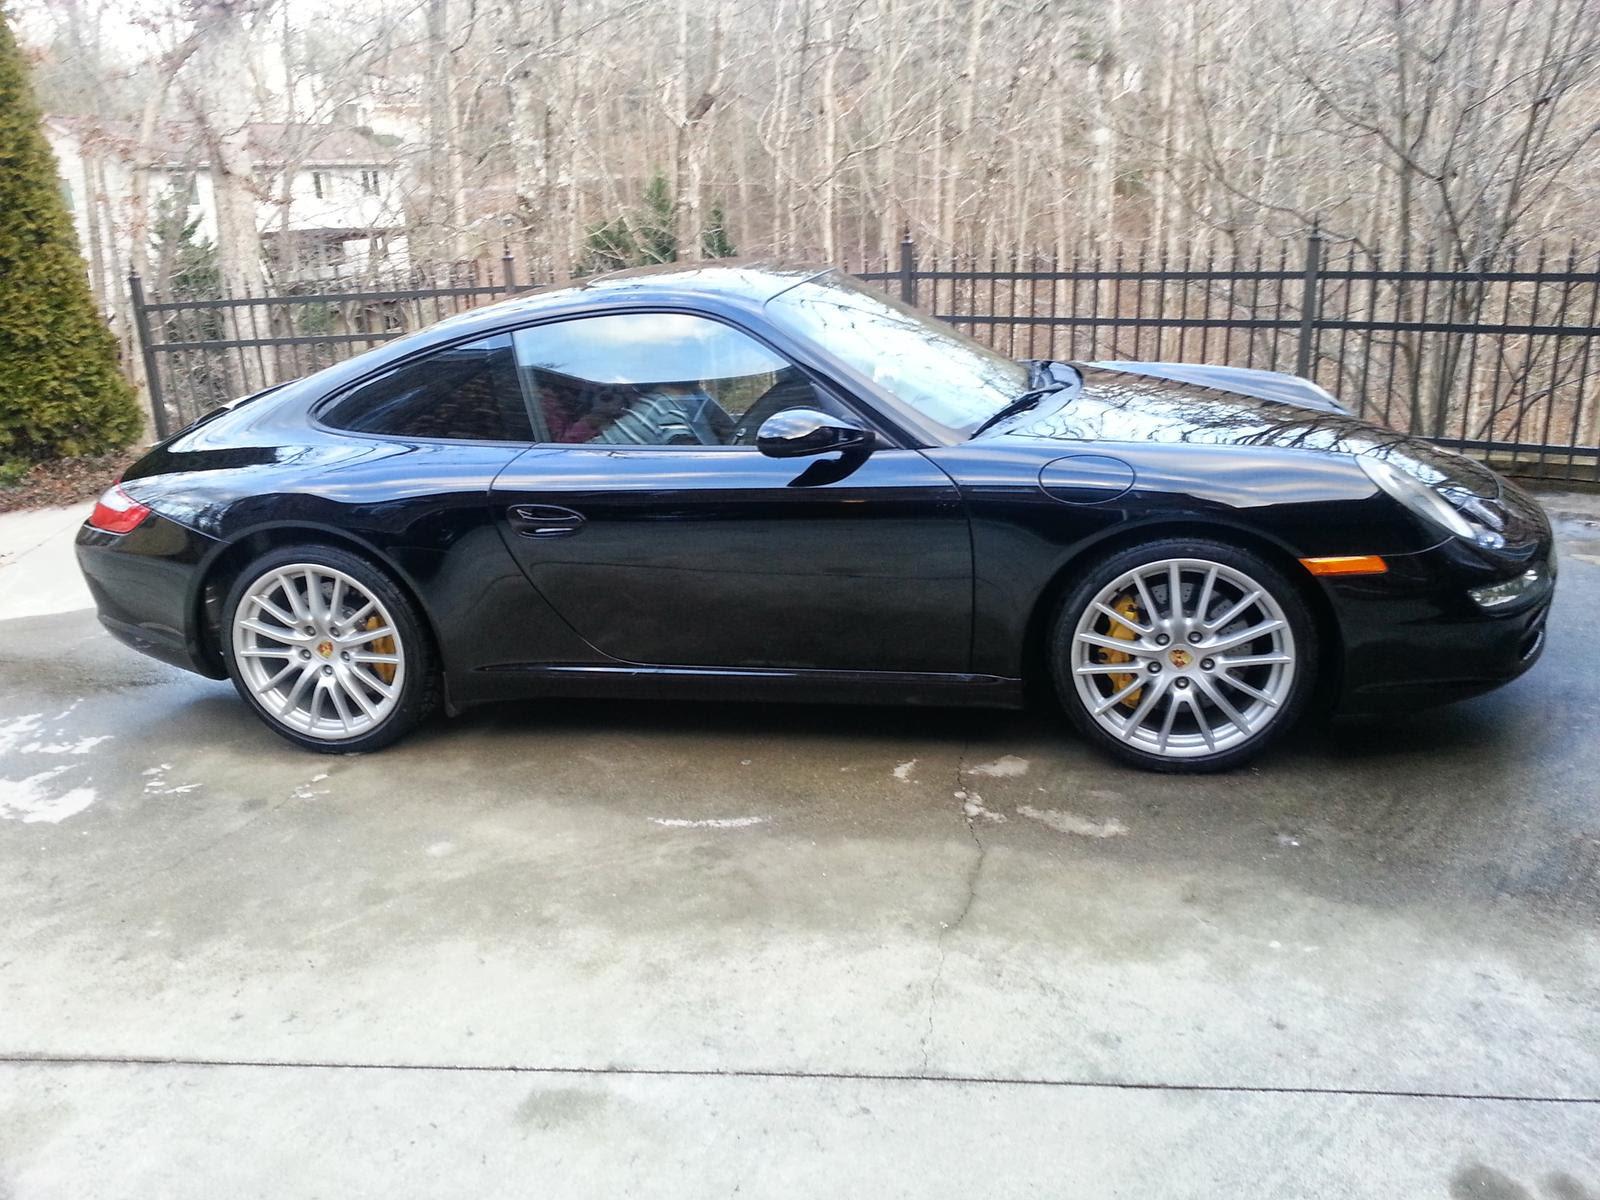 19 Porsche Sport Design Wheels With Tires Nice Rennlist Porsche Discussion Forums